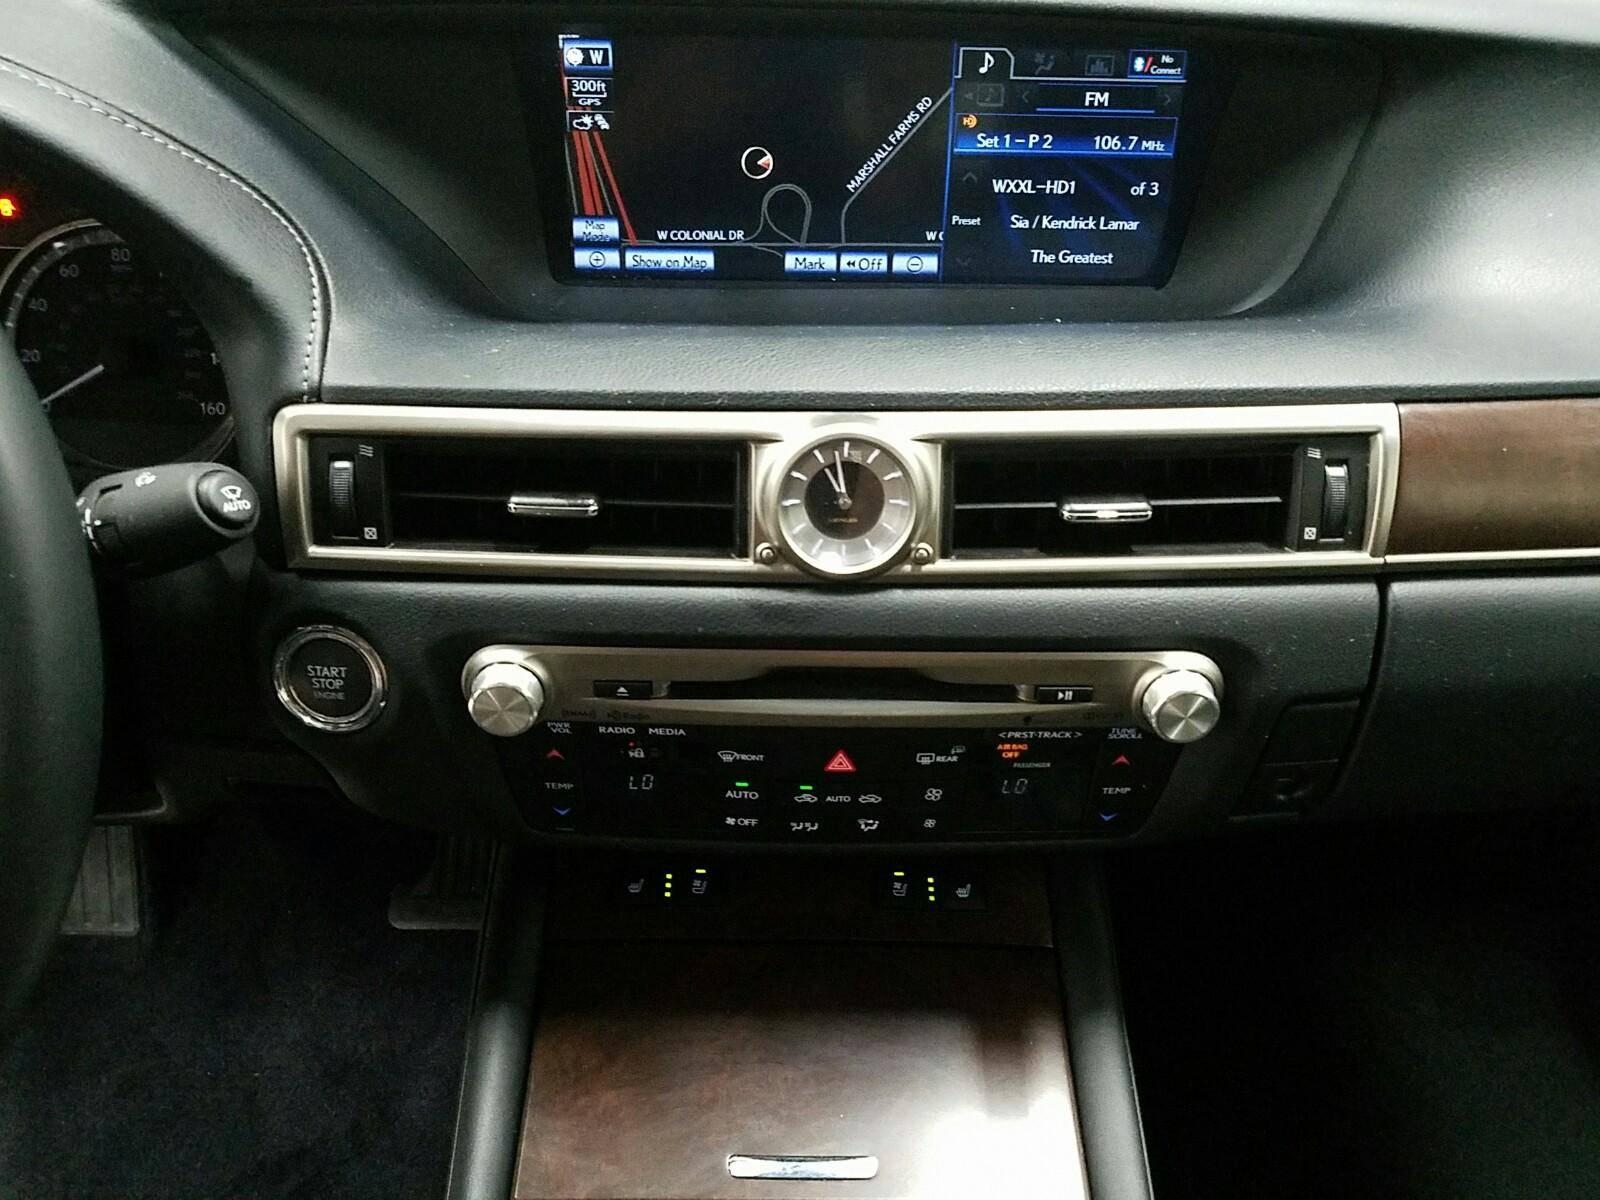 Used 2013 LEXUS GS 350 Sedan for sale in MIAMI FL